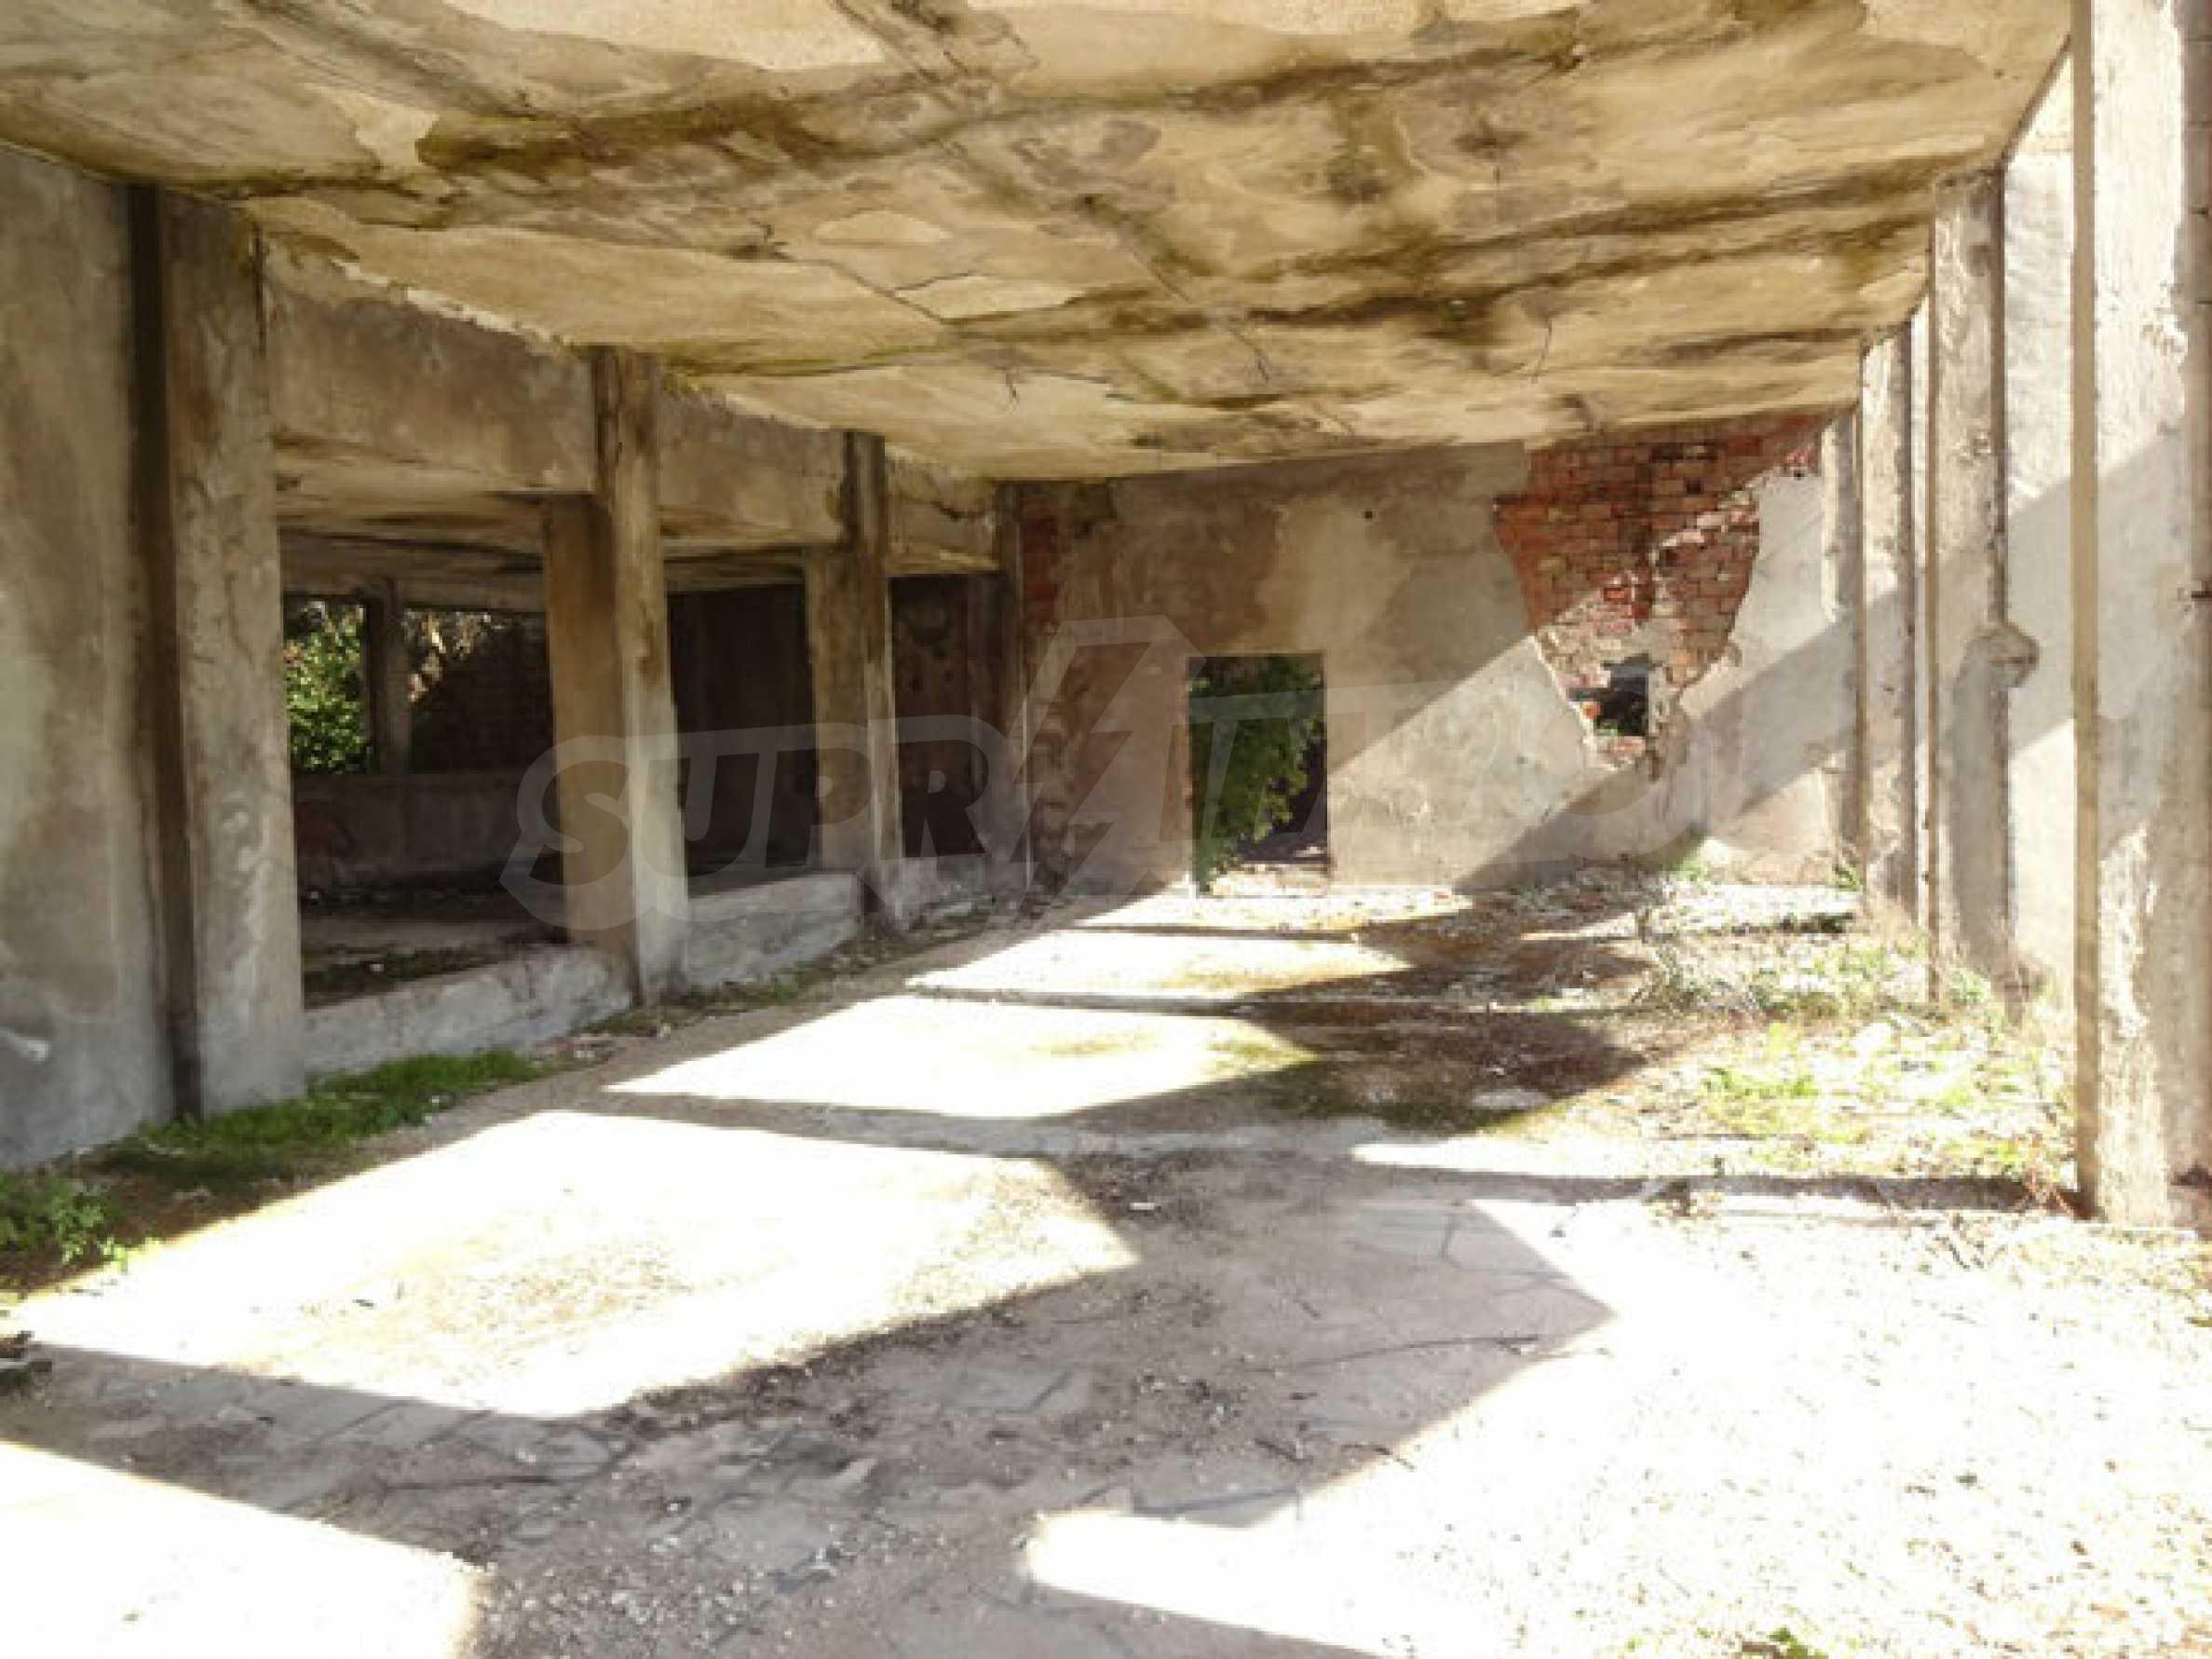 Продажа отеля/комплекса вблизи г. Велико Тырново 51